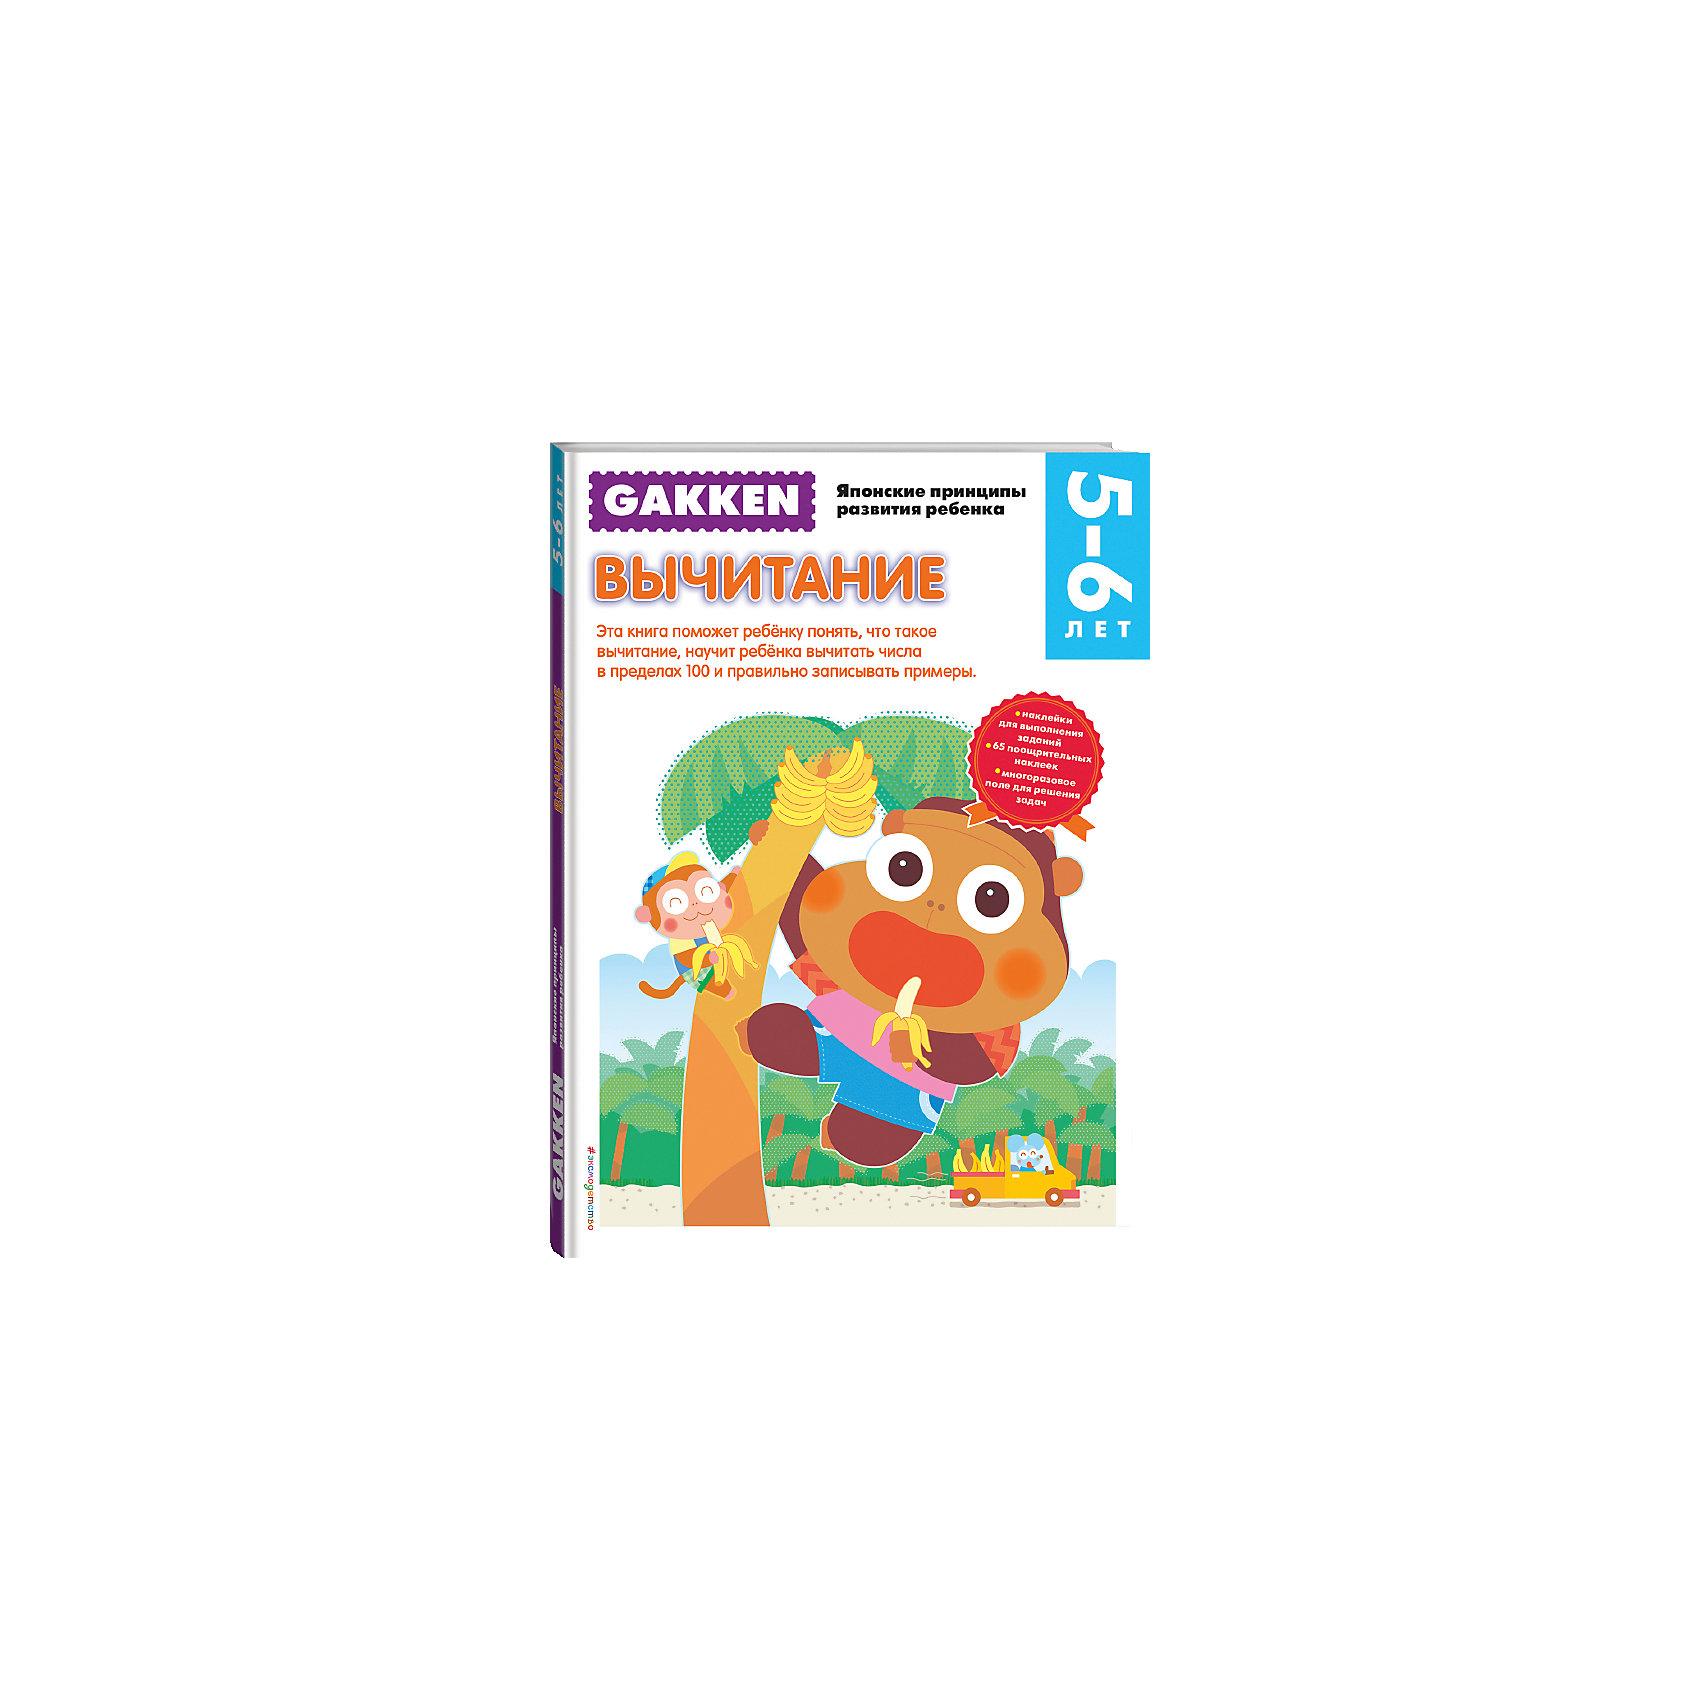 Тетрадь Вычитание, 4+, GakkenОбучение счету<br>Книга 5+ Вычитание поможет  малышу понять, что такое вычитание, научит малыша вычитать числа в пределах 100 и правильно записывать примеры. <br><br>Занимаясь по рабочим тетрадям «GAKKEN Японские принципы развития ребенка» вы через некоторое время сами убедитесь в том, что  без нервотрепки и утомительных скучных занятий  ваш ребенок может:<br>•Самостоятельно находить решения довольно сложных задач, в том числе пространственных<br>•Логически рассуждать и принимать решения<br>•Не просто считать, но и понимать математическую логику счета и решения задач<br>•Правильно держать карандаш и фломастер<br>•Рисовать, раскрашивать, проводить разные линии<br>•Управляться с ножницами и клеем<br>•Делать по образцу и даже придумывать сам аппликации и другие поделки из бумаги<br><br>Ширина мм: 210<br>Глубина мм: 290<br>Высота мм: 50<br>Вес г: 285<br>Возраст от месяцев: 36<br>Возраст до месяцев: 2147483647<br>Пол: Унисекс<br>Возраст: Детский<br>SKU: 5535522